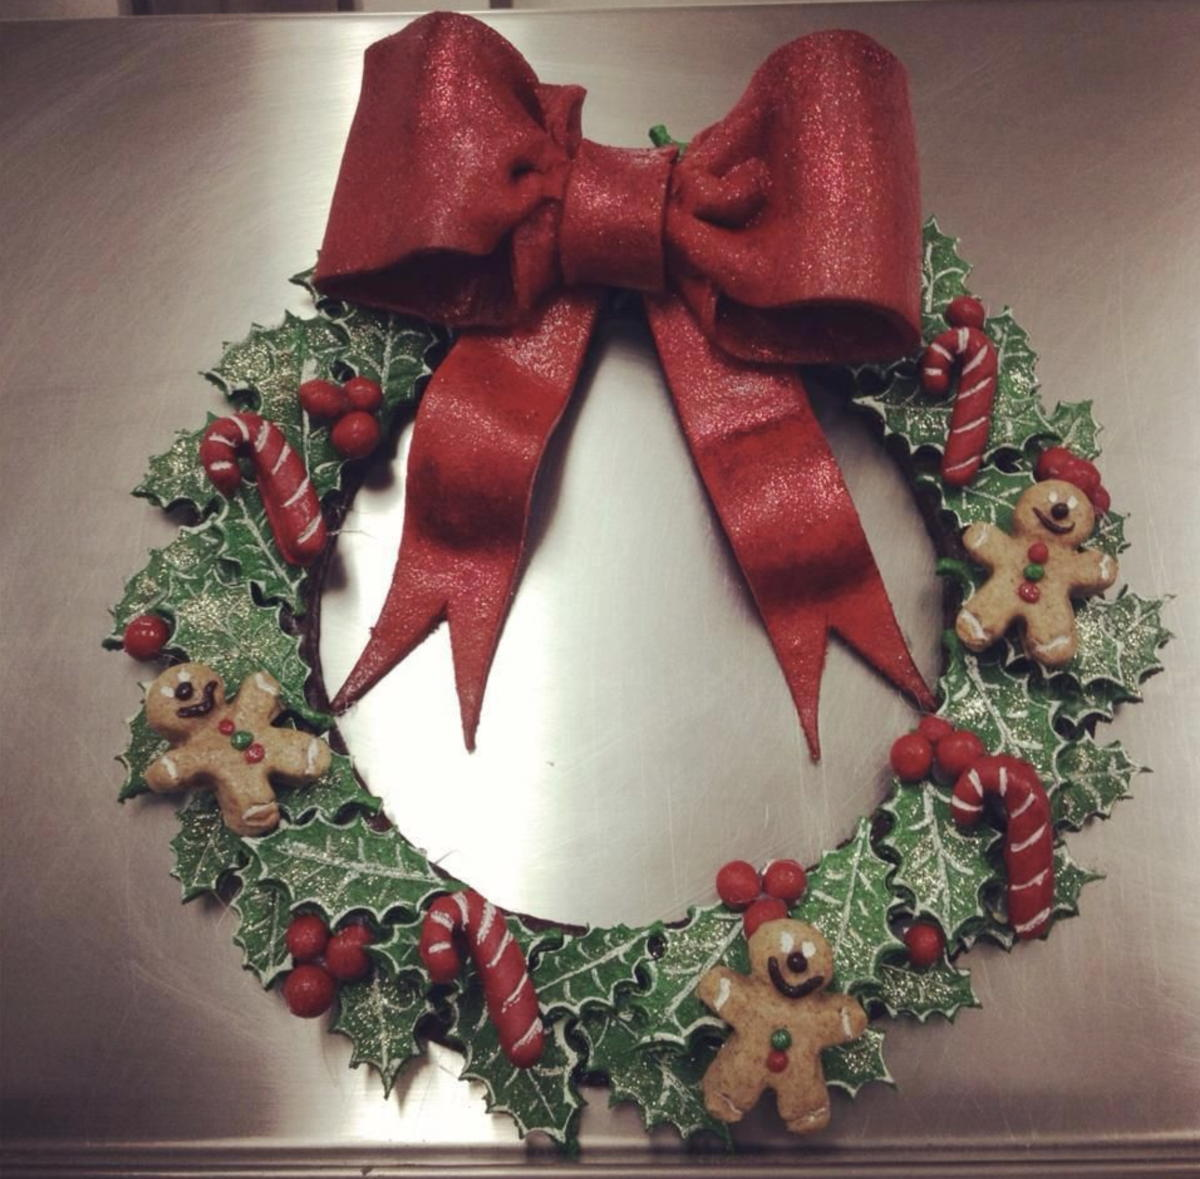 ghirlande-natalizie-pasta-di-sale-fai-da-te-6